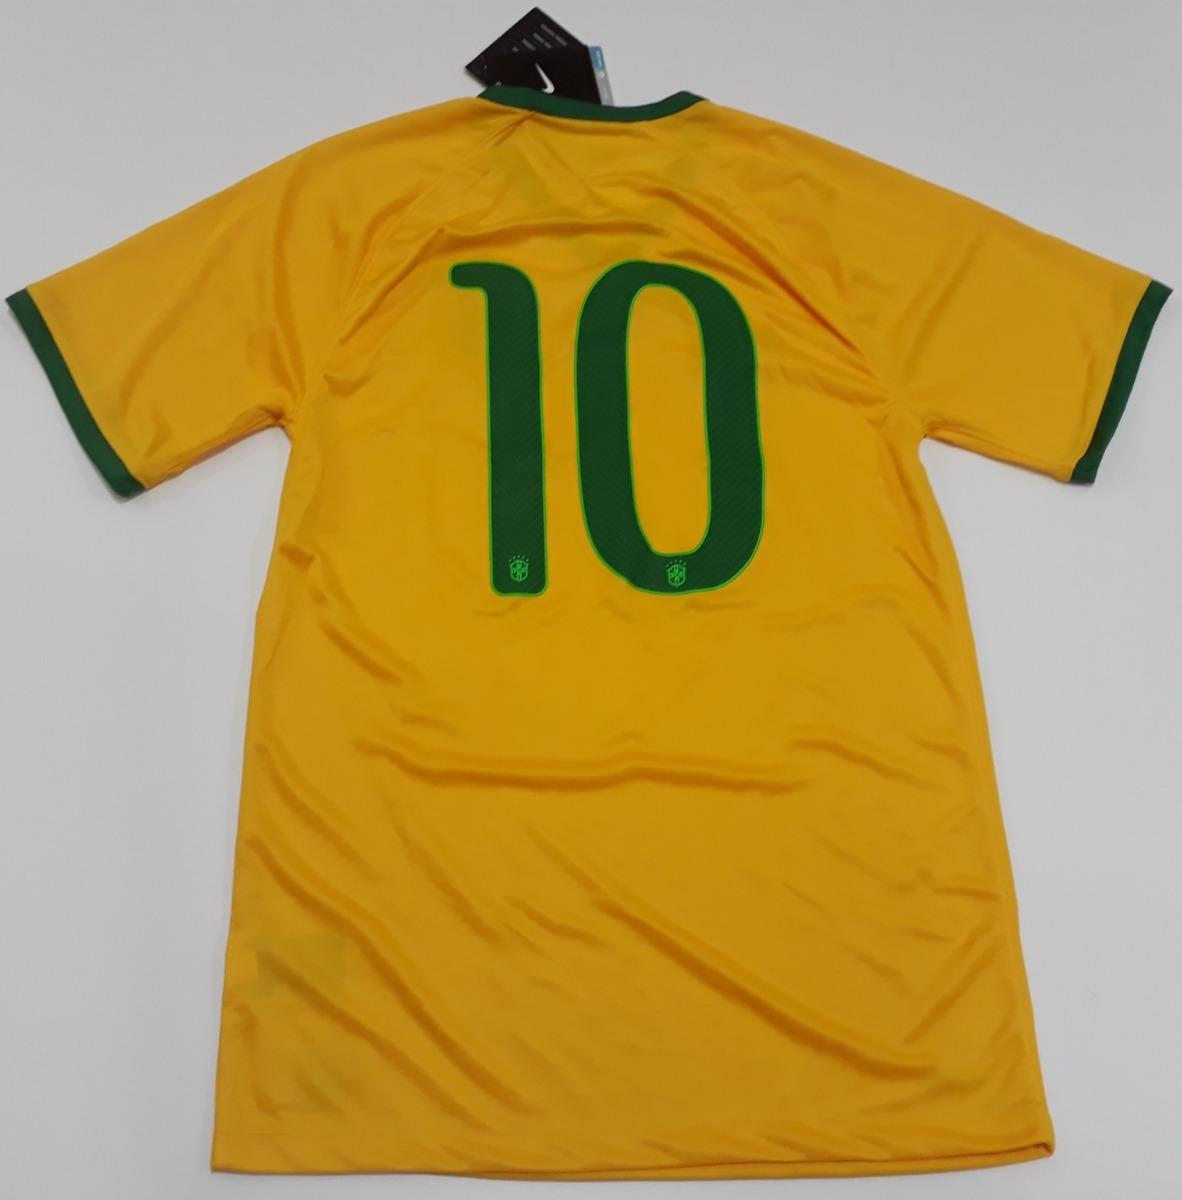 camisa seleção brasileira nike copa de 2014 - df. Carregando zoom. 8fff96f678db8